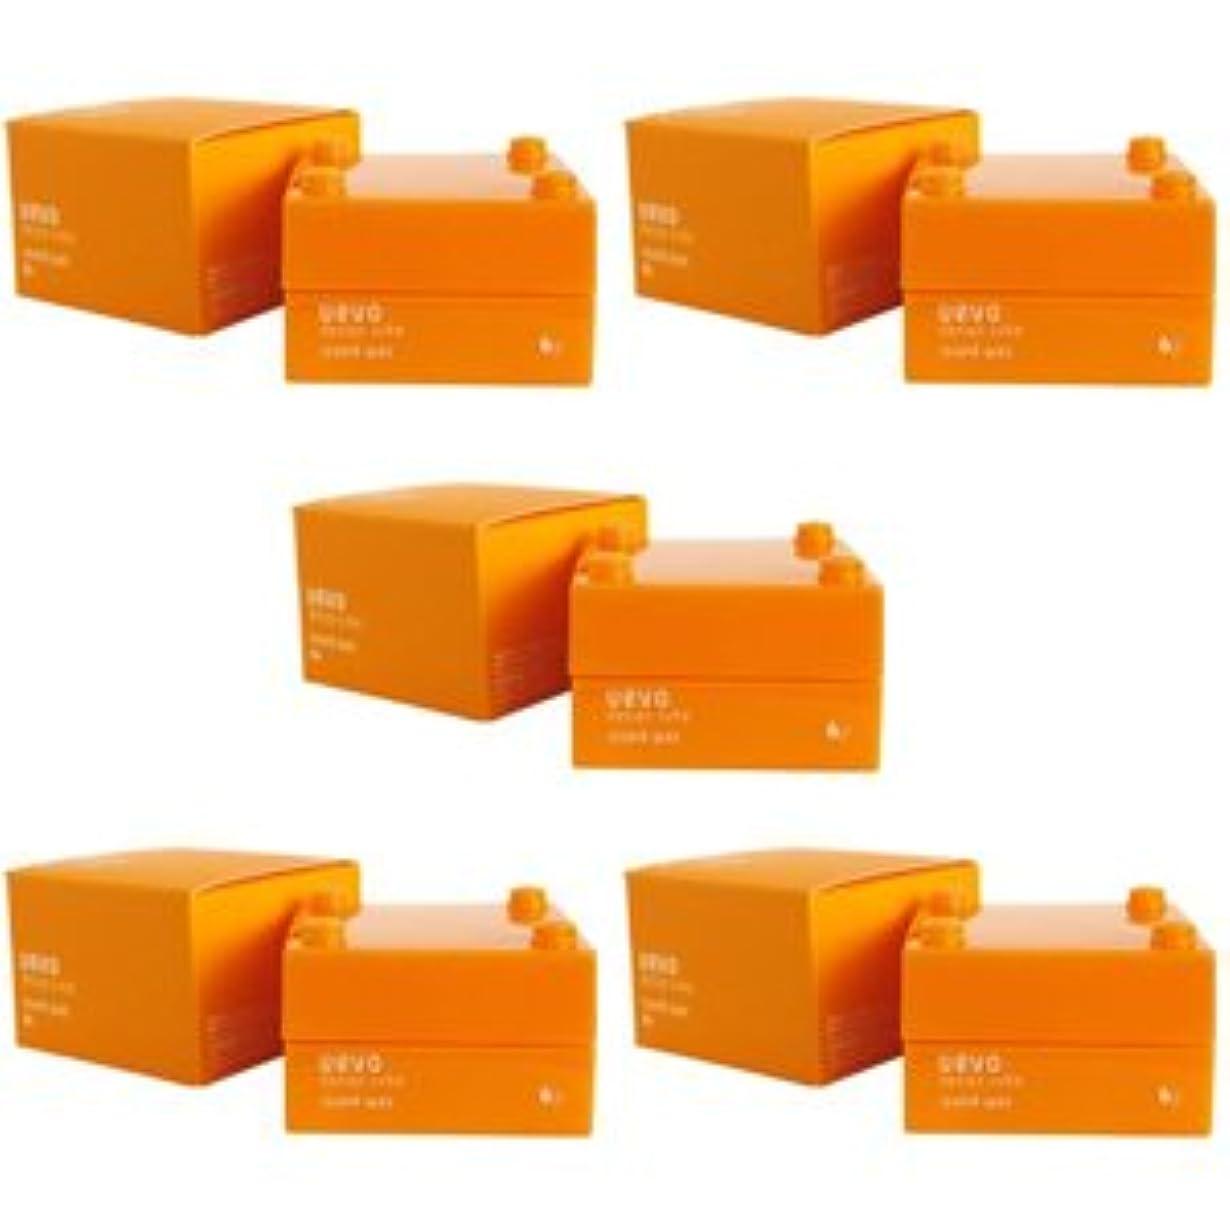 オーナメント餌達成可能【X5個セット】 デミ ウェーボ デザインキューブ ラウンドワックス 30g round wax DEMI uevo design cube